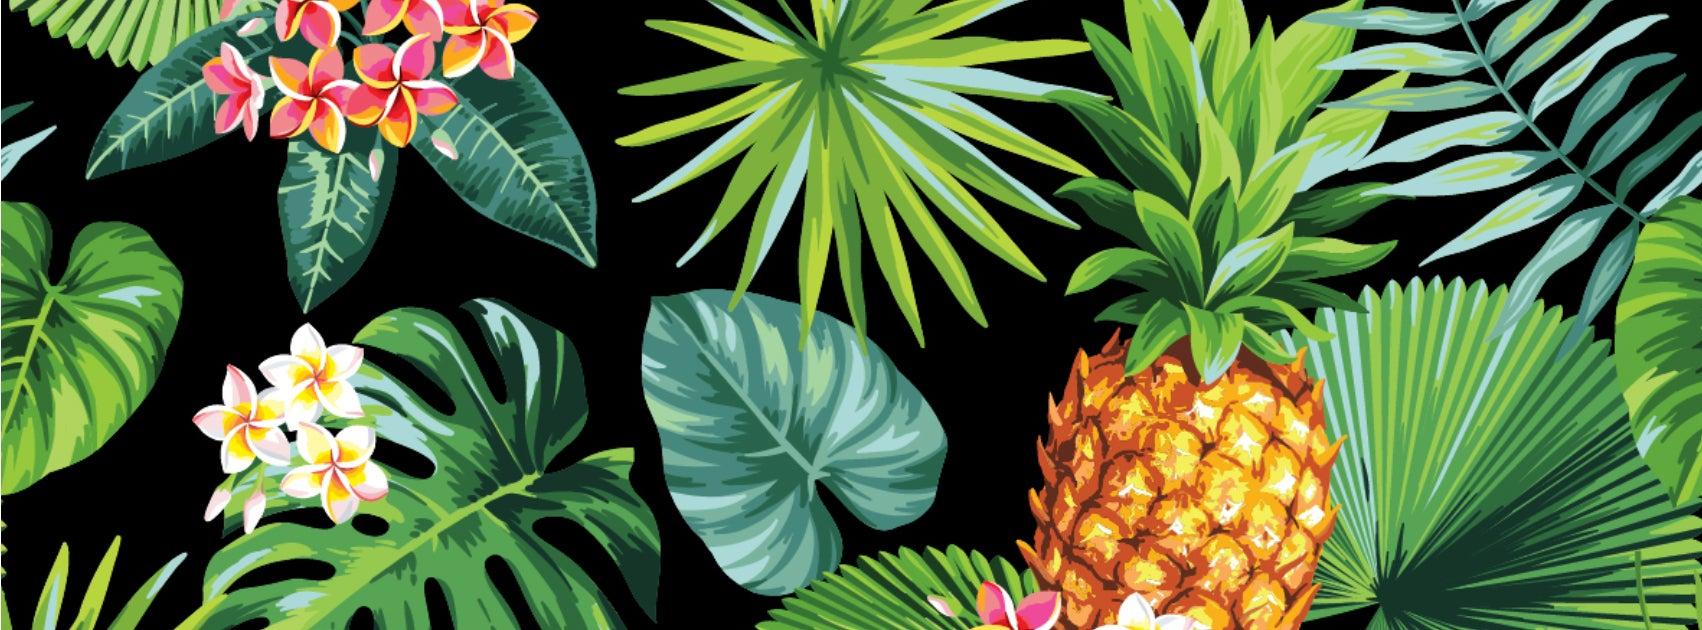 Tendencia tropical: principios básicos